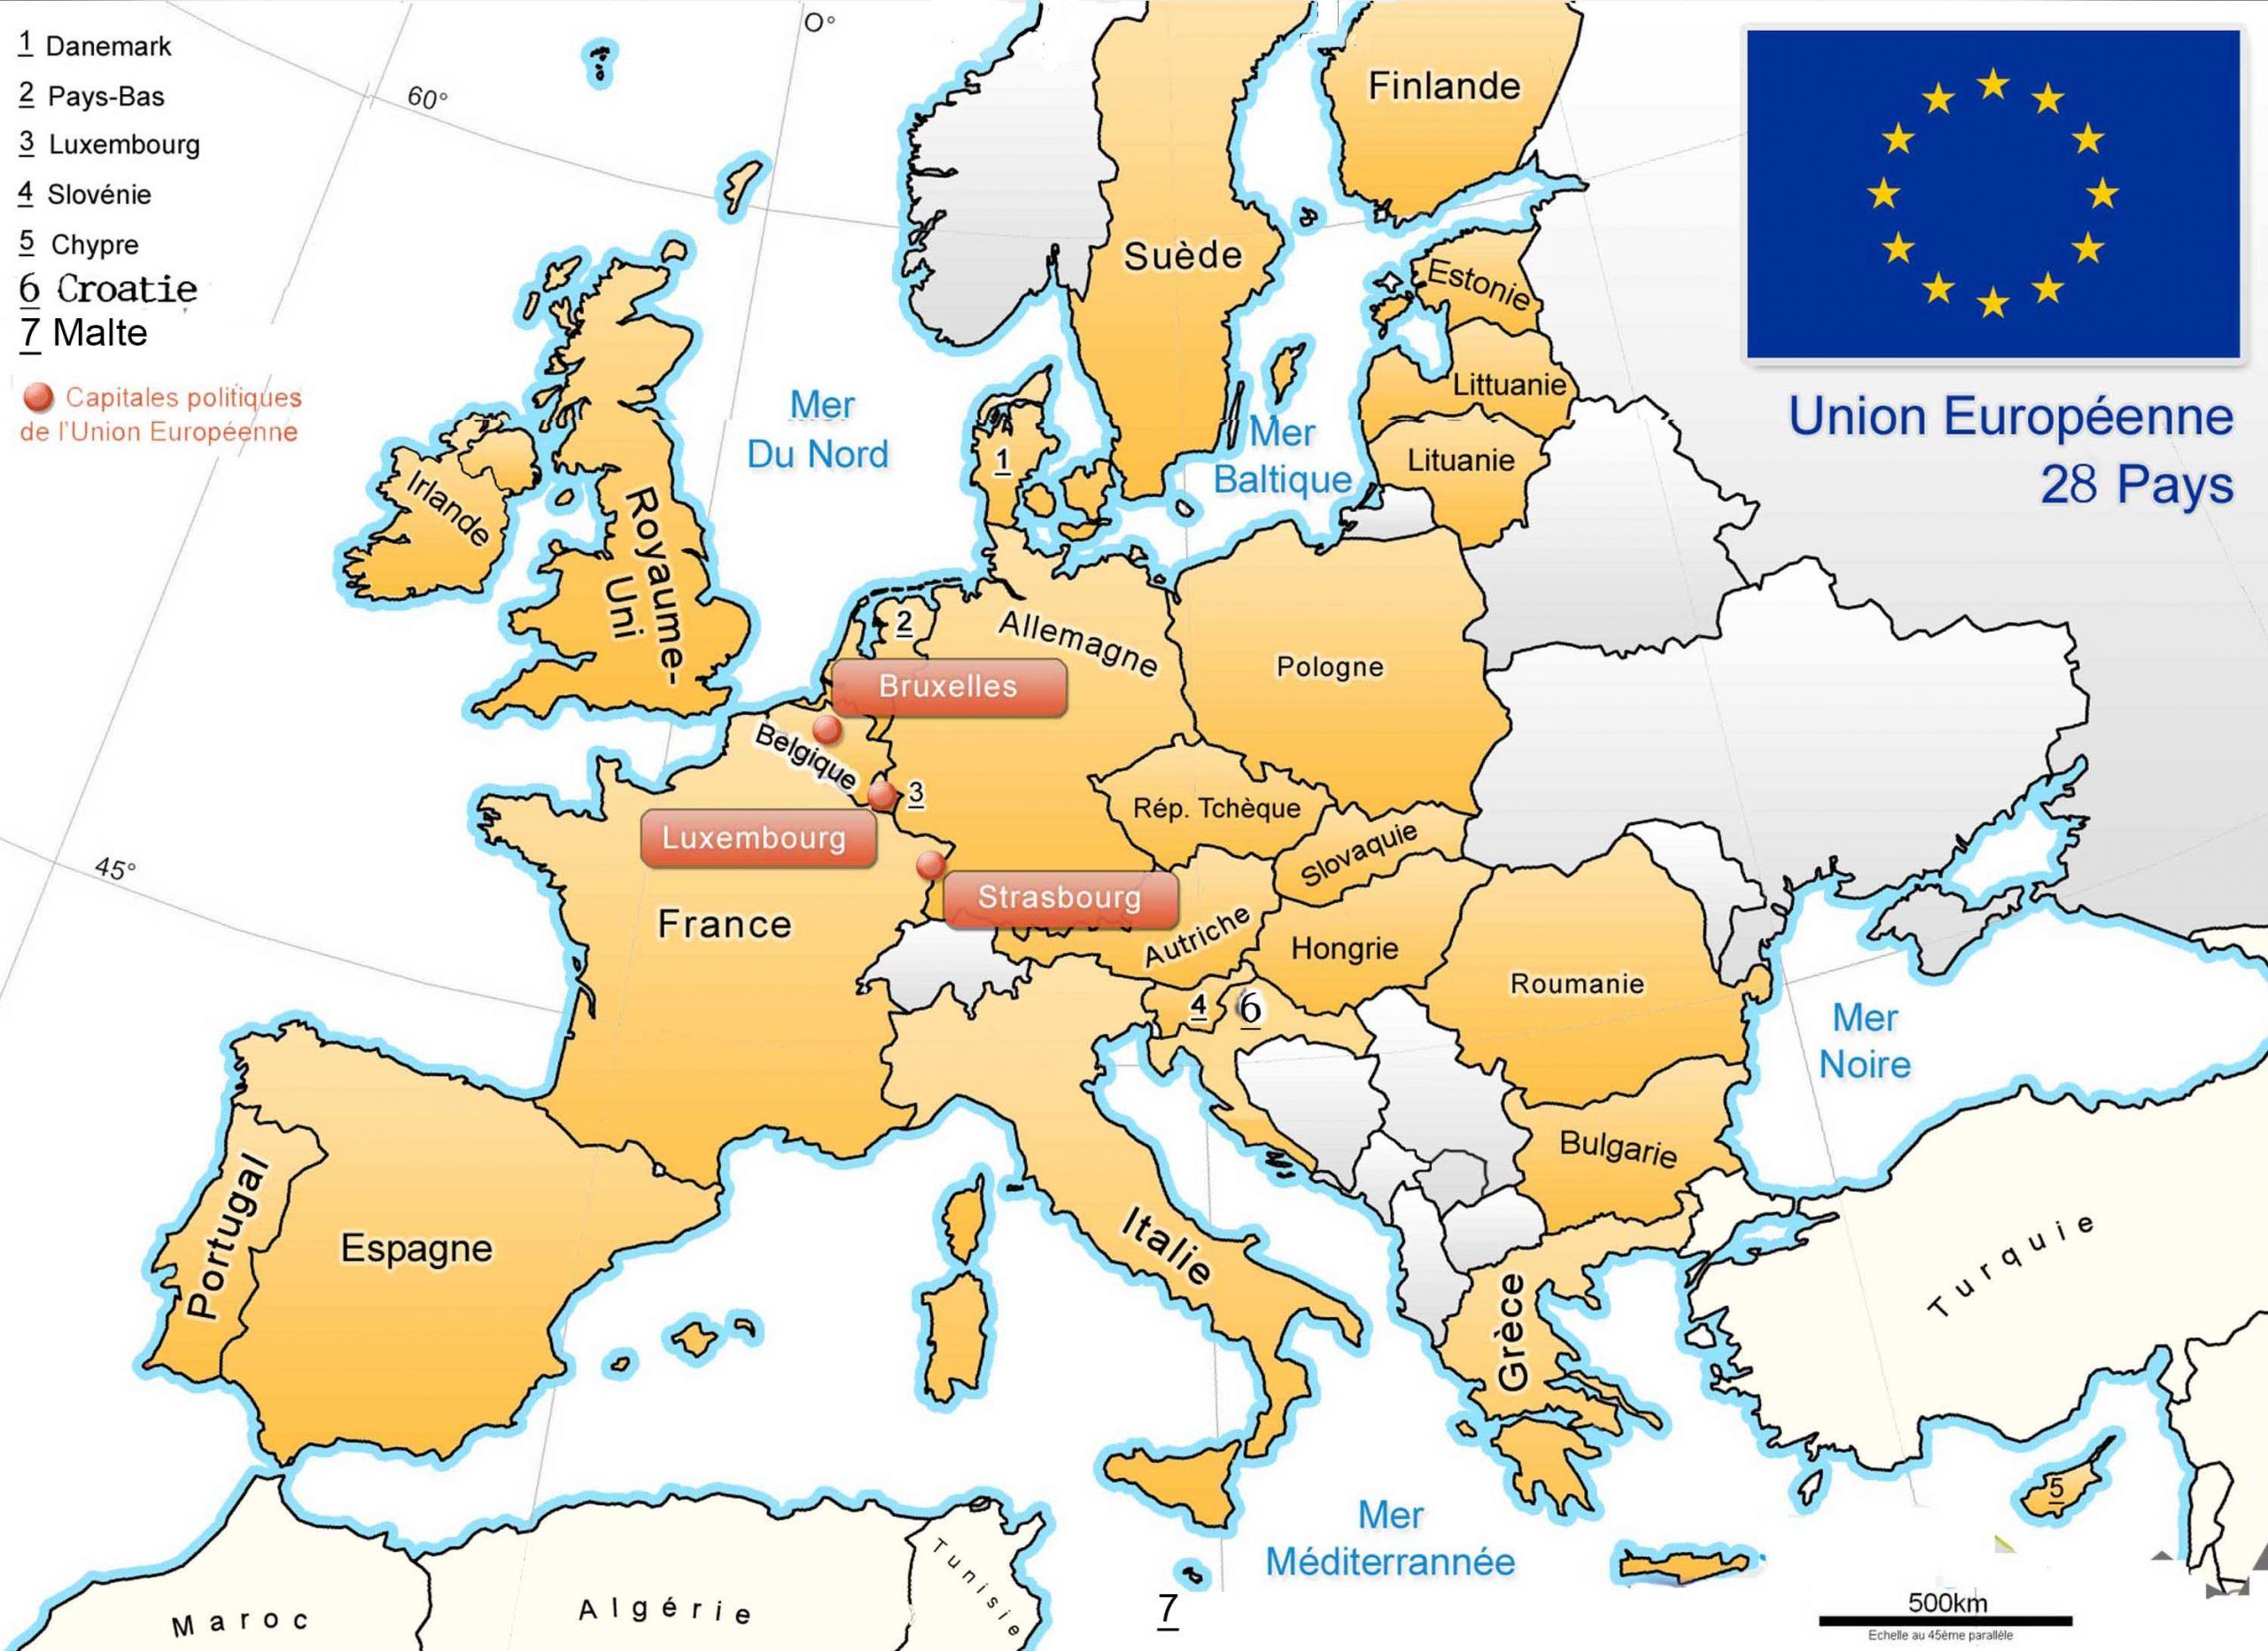 Apprendre À Placer Les Pays De L' Union Européenne - Le Blog intérieur Apprendre Pays Europe